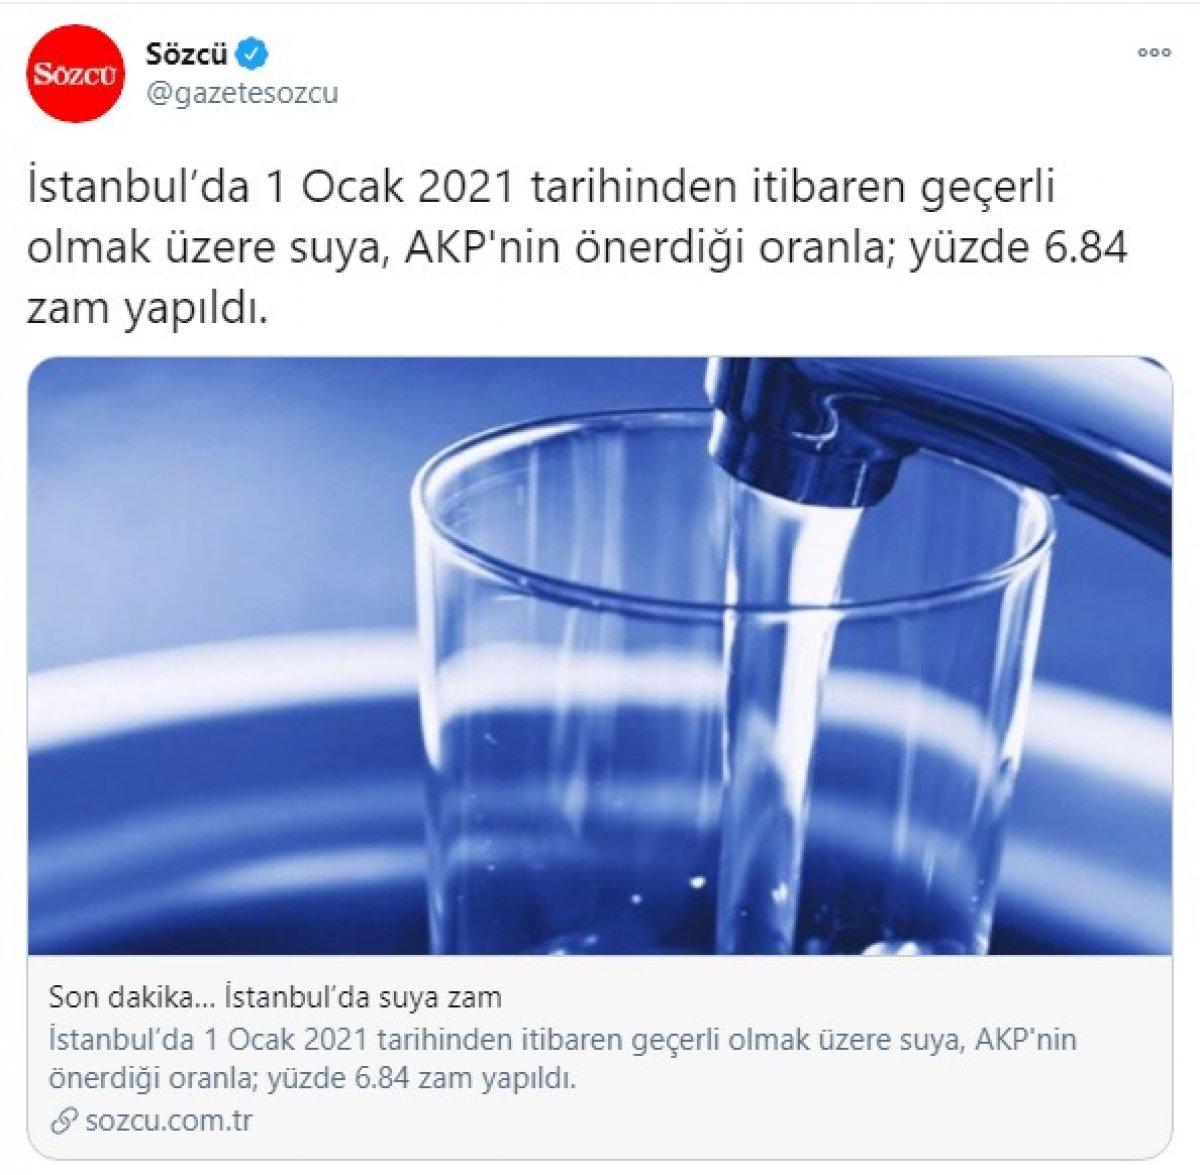 Sözcü, CHP'nin suya zam istediğini yazamadı #2